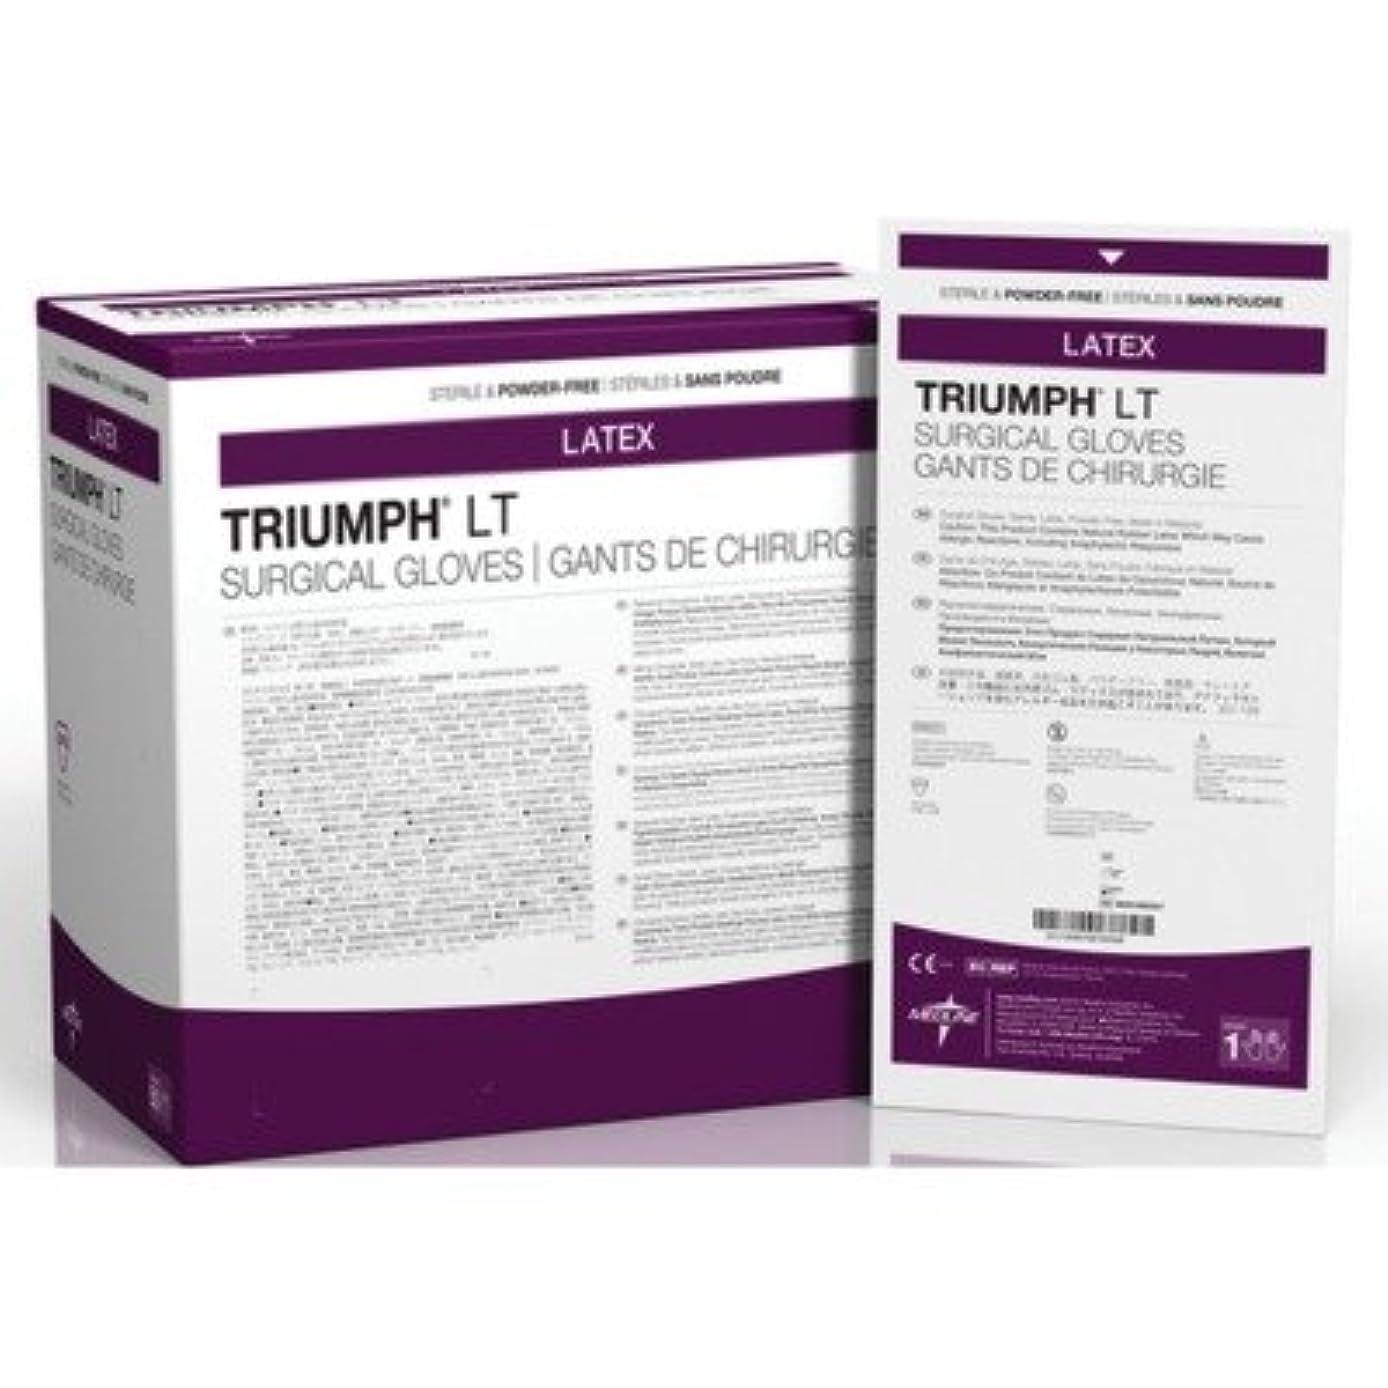 アクロバット記者たっぷりMedline MDS108065LT Triumph LT Sterile Powder-Free Latex Surgical Glove, Size 6.5, White (Pack of 200) by Medline